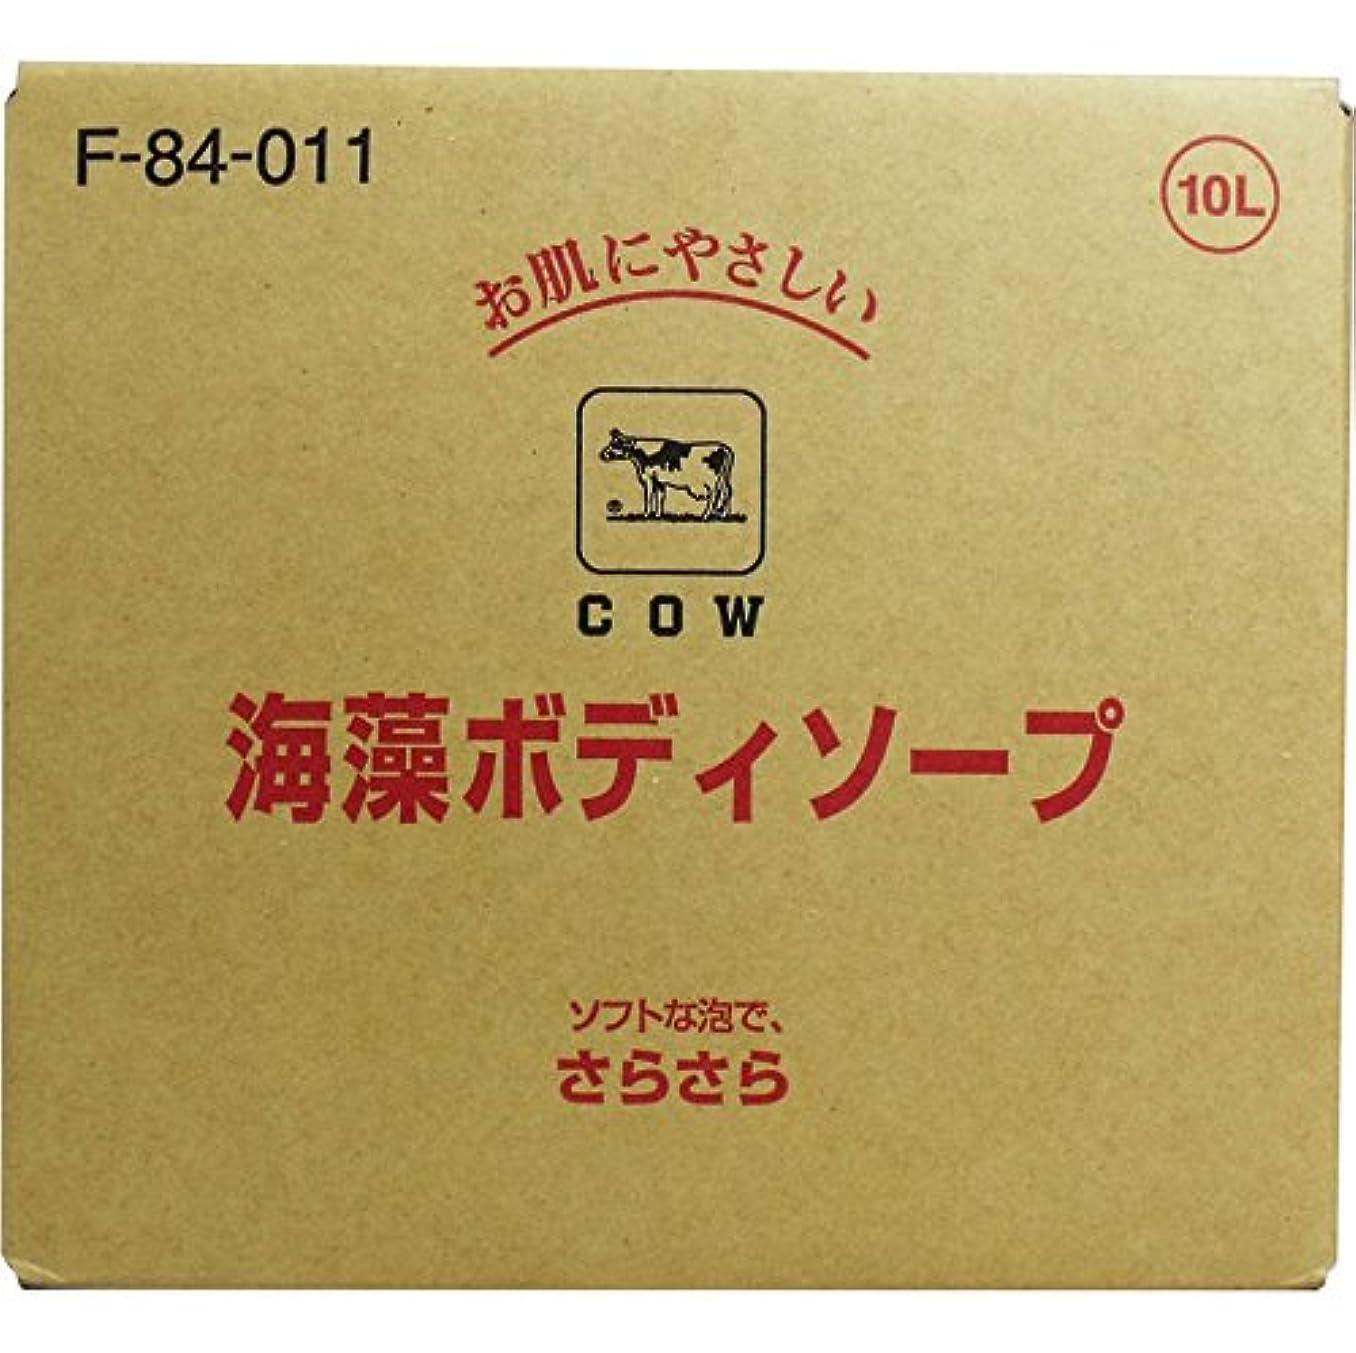 噂羊の服を着た狼違反するボディ 石けん詰め替え さらさらした洗い心地 便利商品 牛乳ブランド 海藻ボディソープ 業務用 10L